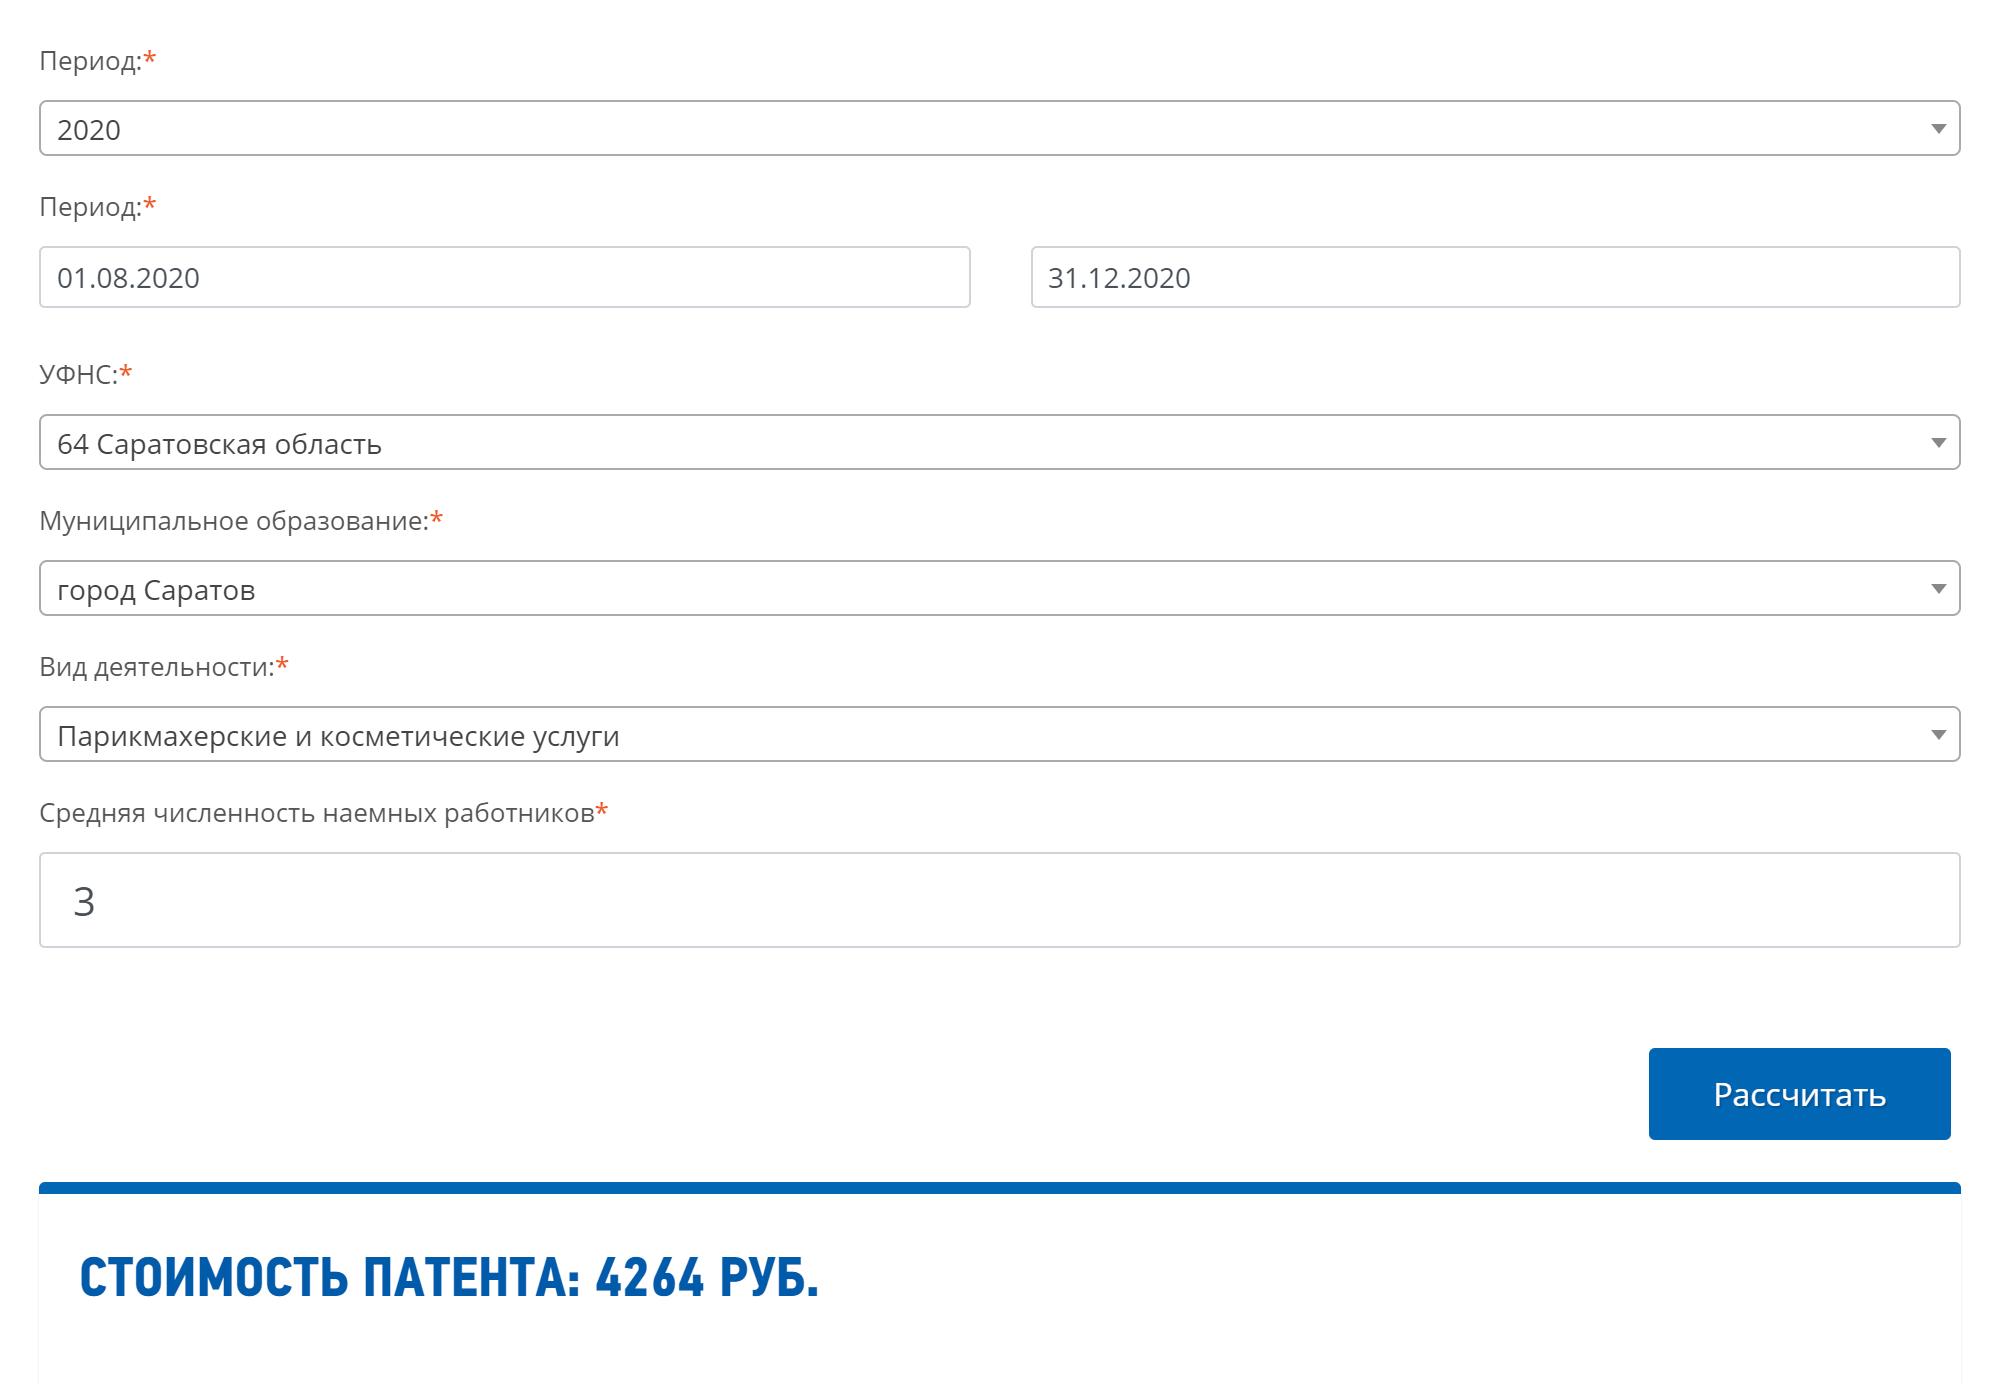 На сайте ФНС можно рассчитать цену патента по отдельным видам предпринимательства